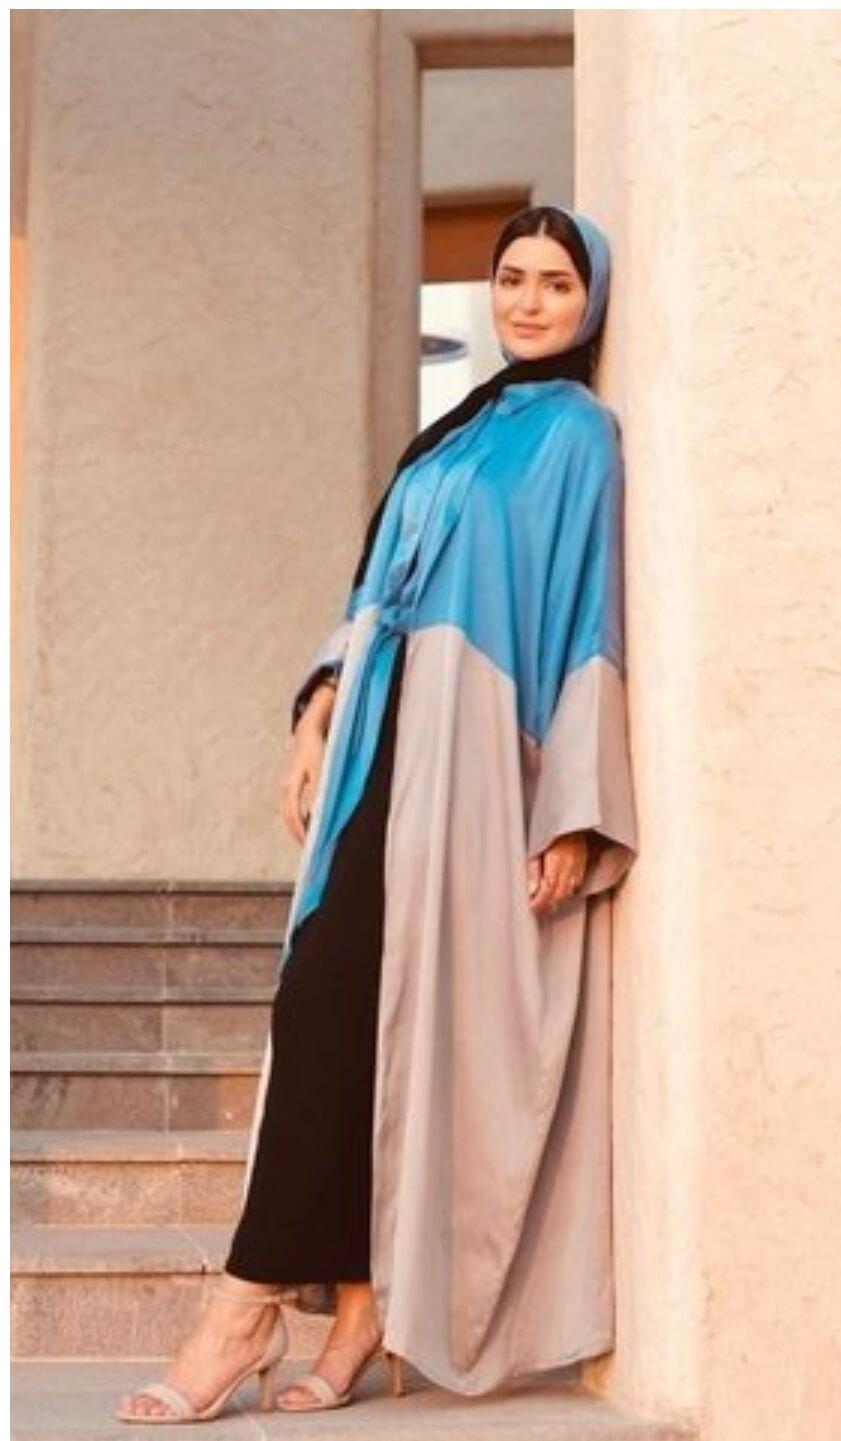 طرق أنيقة لارتداء الكيمونو في رمضان، وأحدث صيحات العبايات